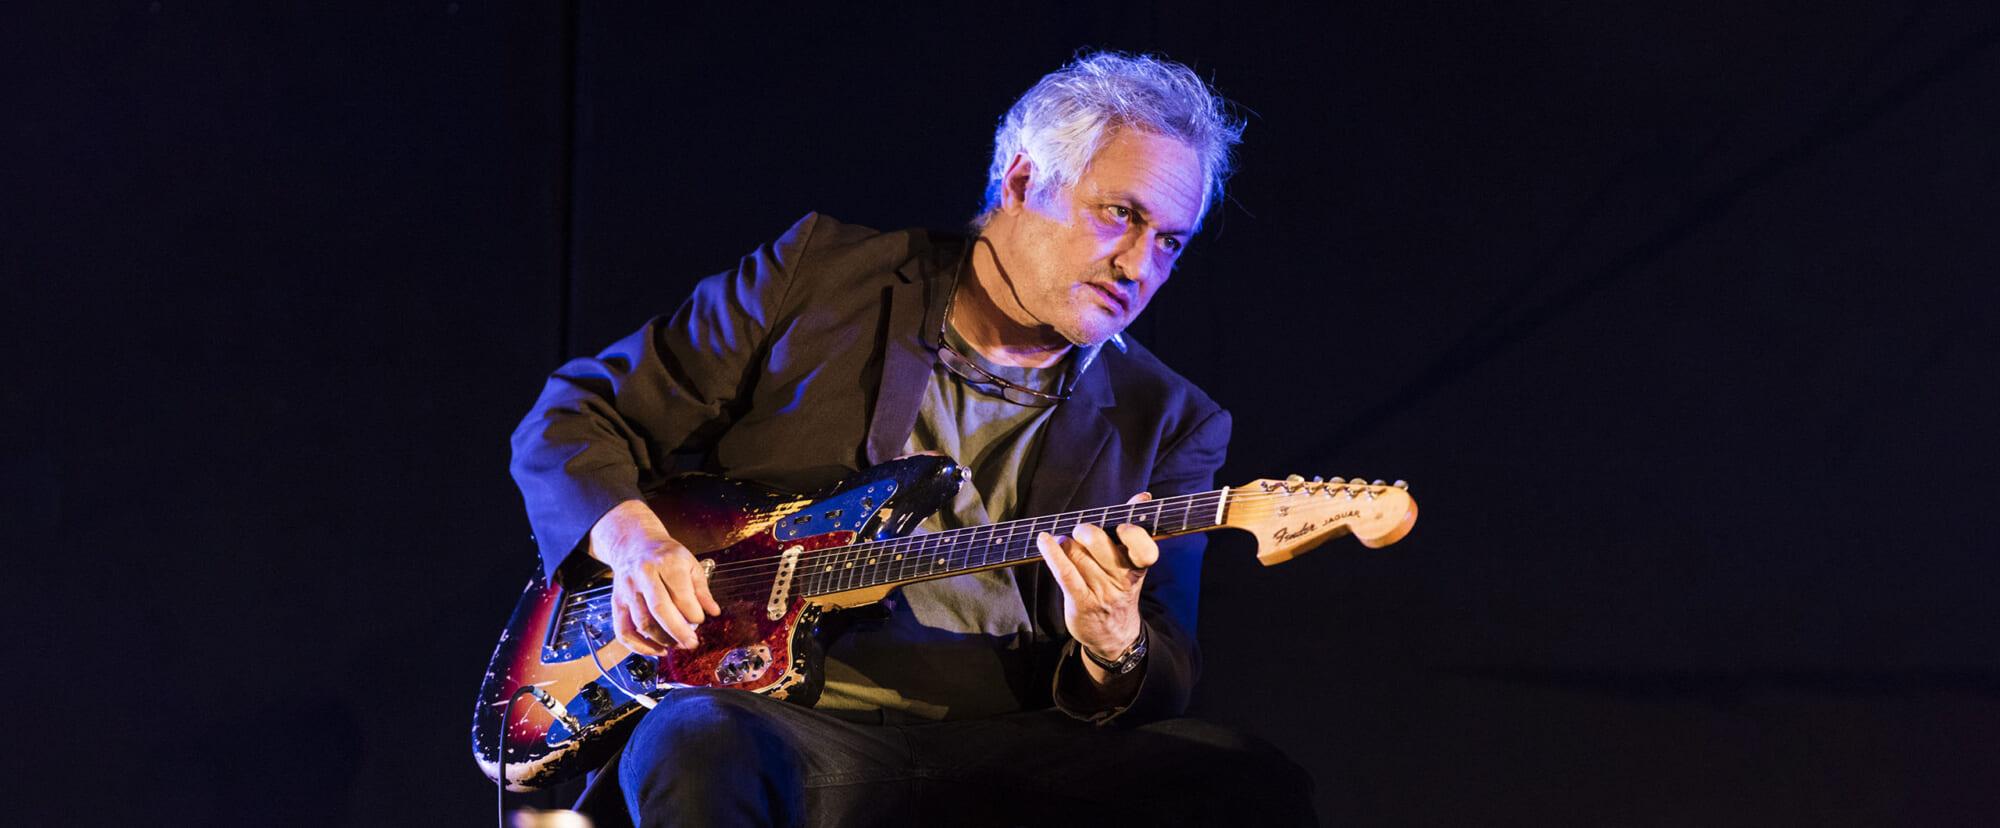 """特集:マーク・リーボウ エッジィなギターで奏でる""""希望"""""""